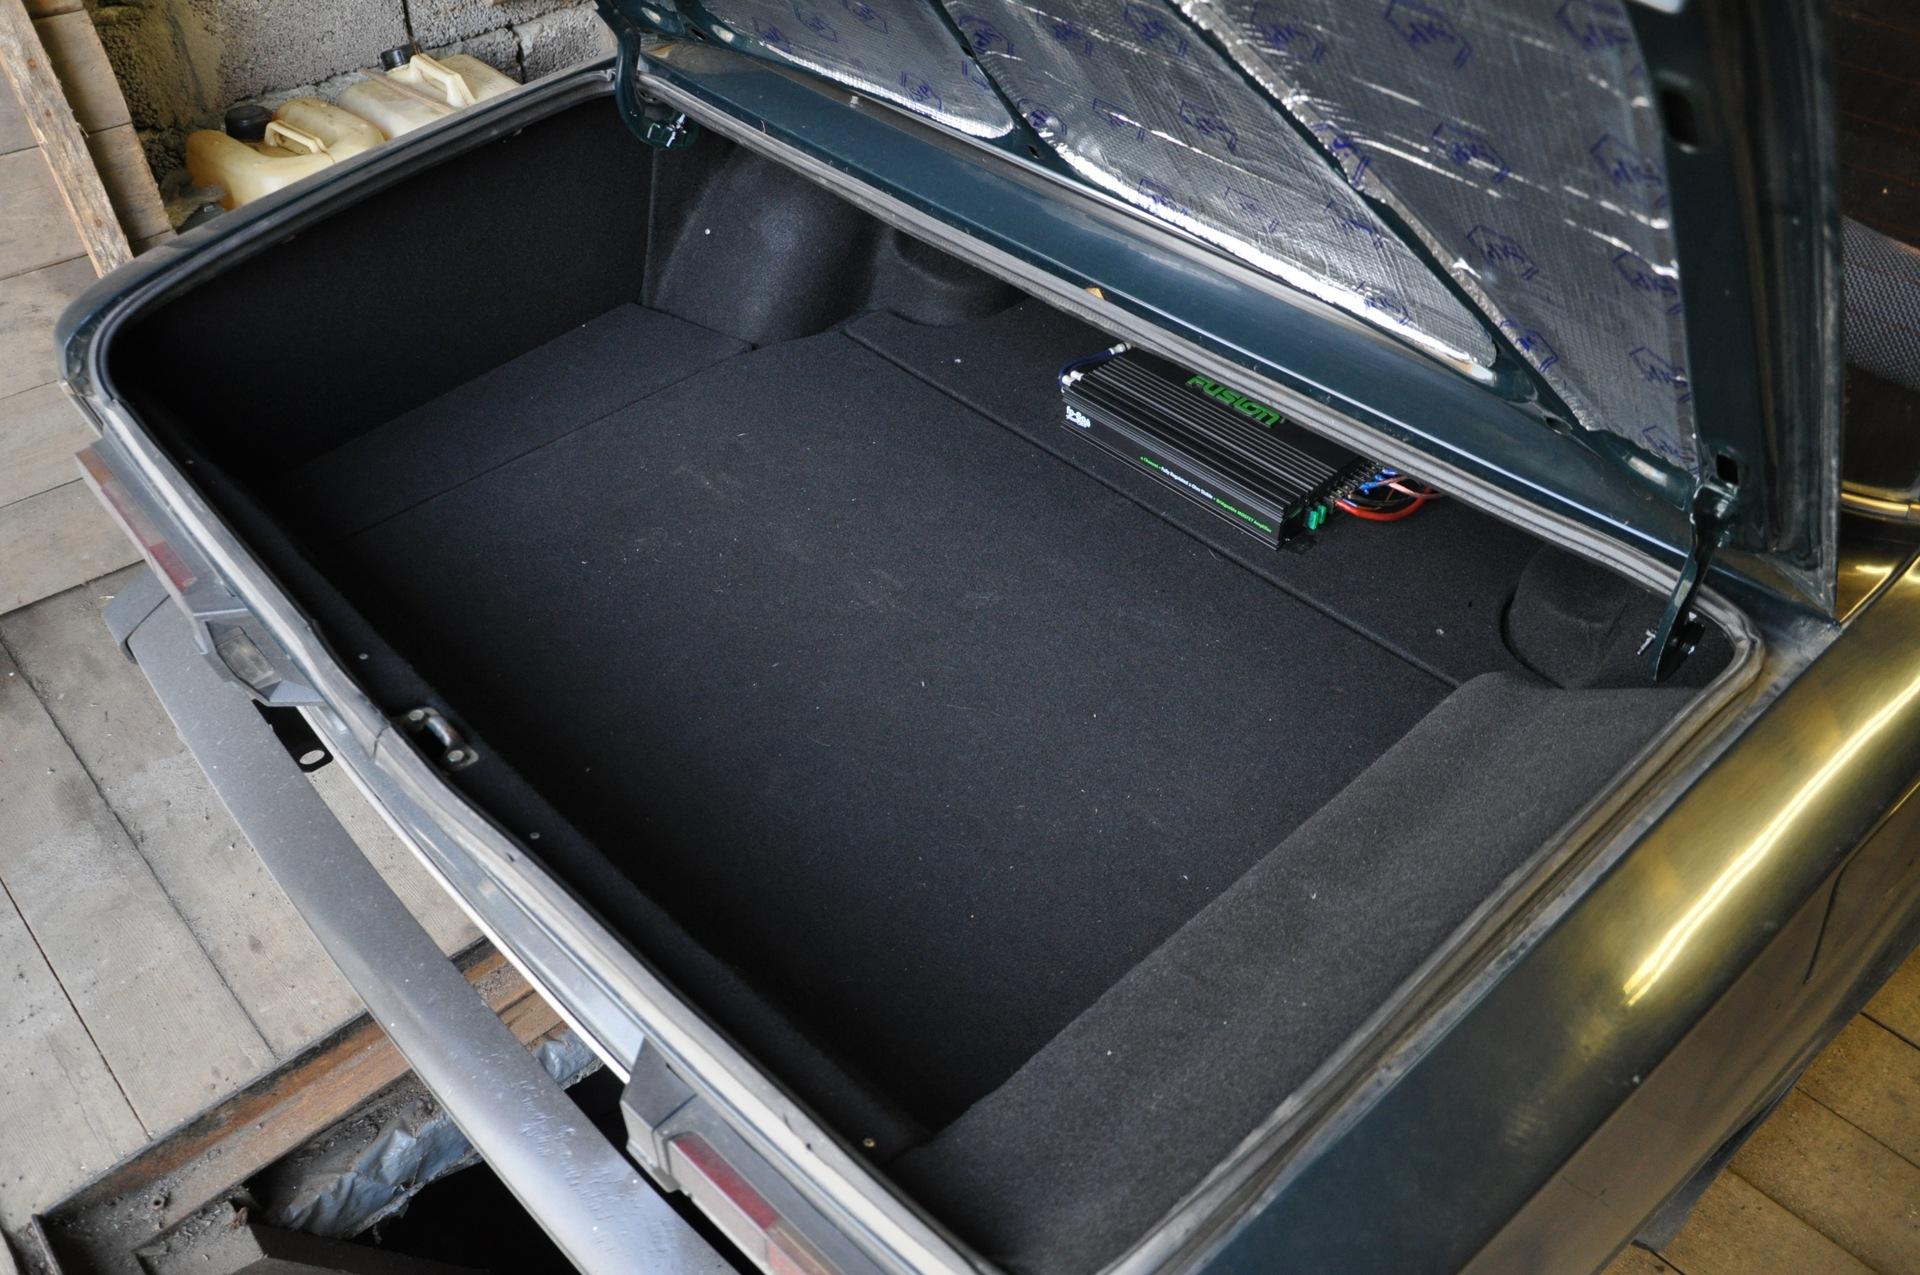 Багажник на крышу ВАЗ-2105 своими руками » Тюнинг ВАЗ